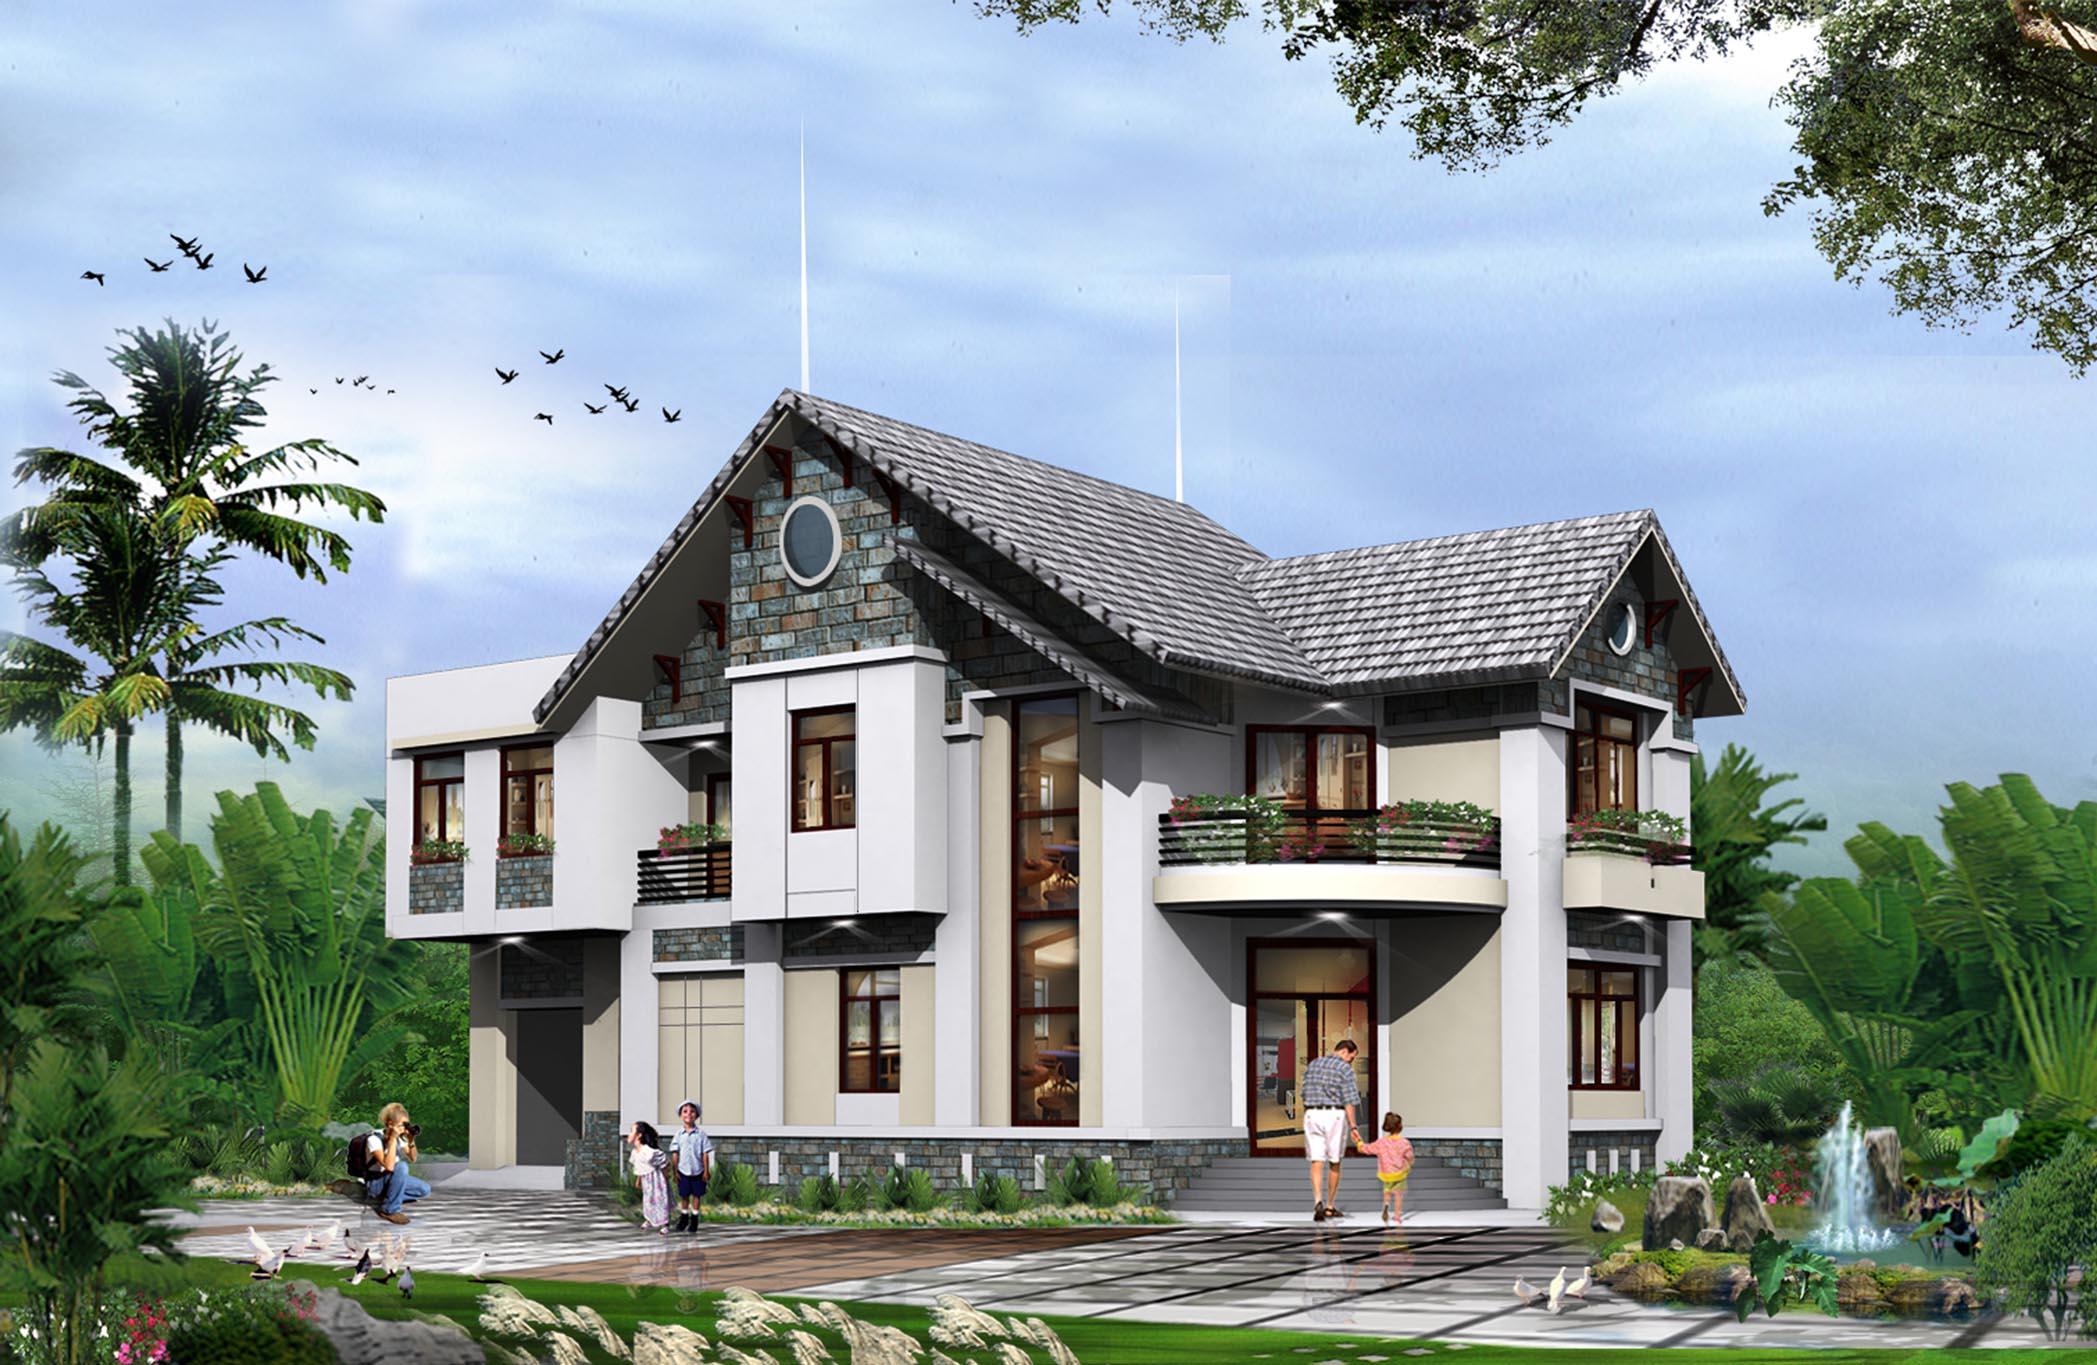 Nếu bạn sở hữu khu đất diện tích lớn, mặt bằng rộng rãi, bạn có thể thoải mái xây nhà 1 tầng, 2 tầng hoặc xây nhà 3 tầng tùy theo sở thích